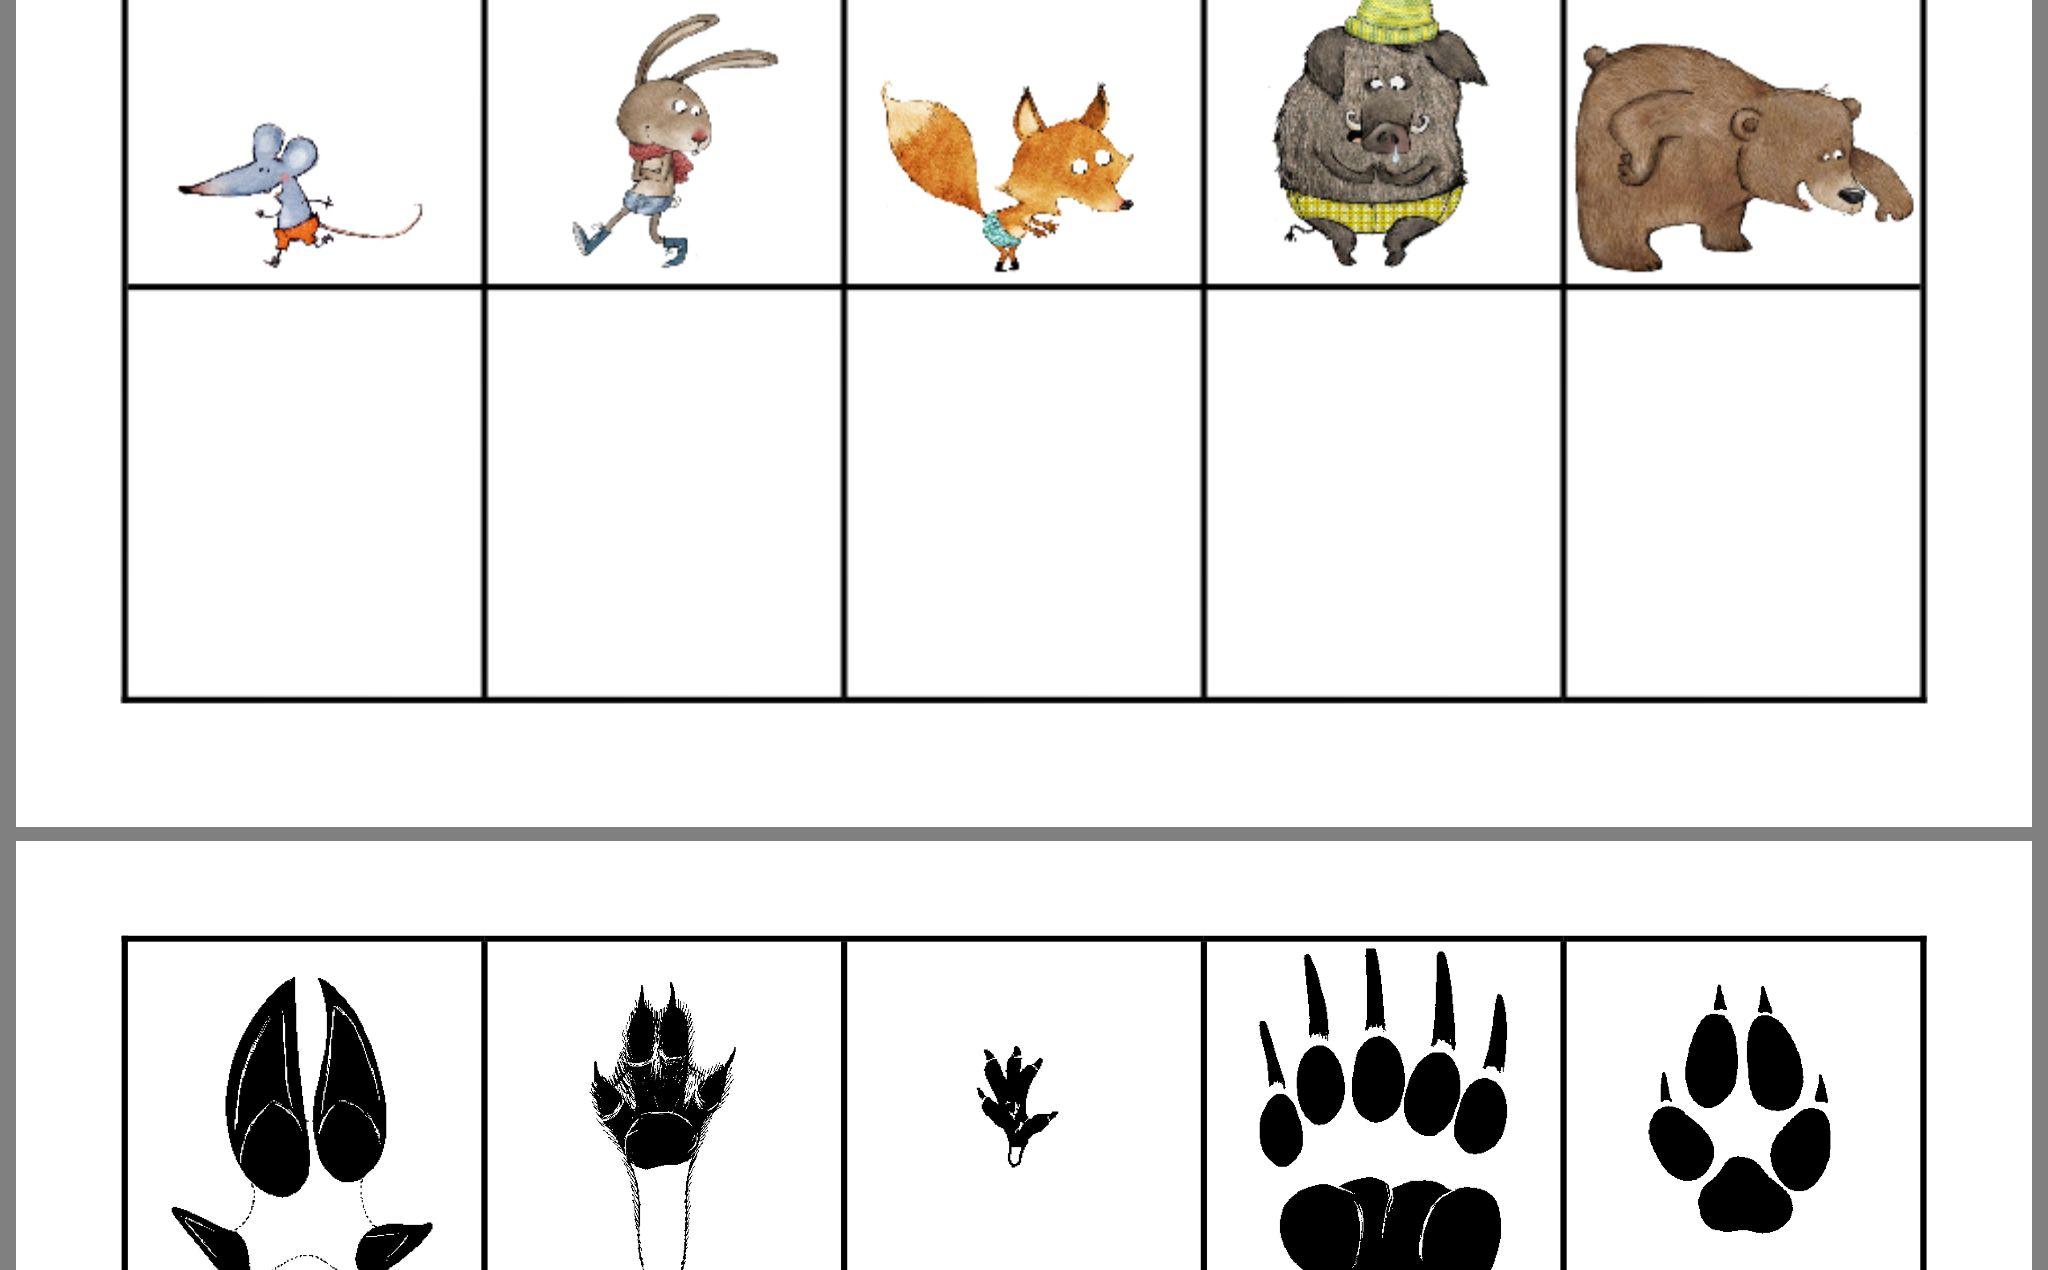 Épinglé Par Audrey Brown Sur Animaux Forêt En 2020 avec Animaux Foret Maternelle